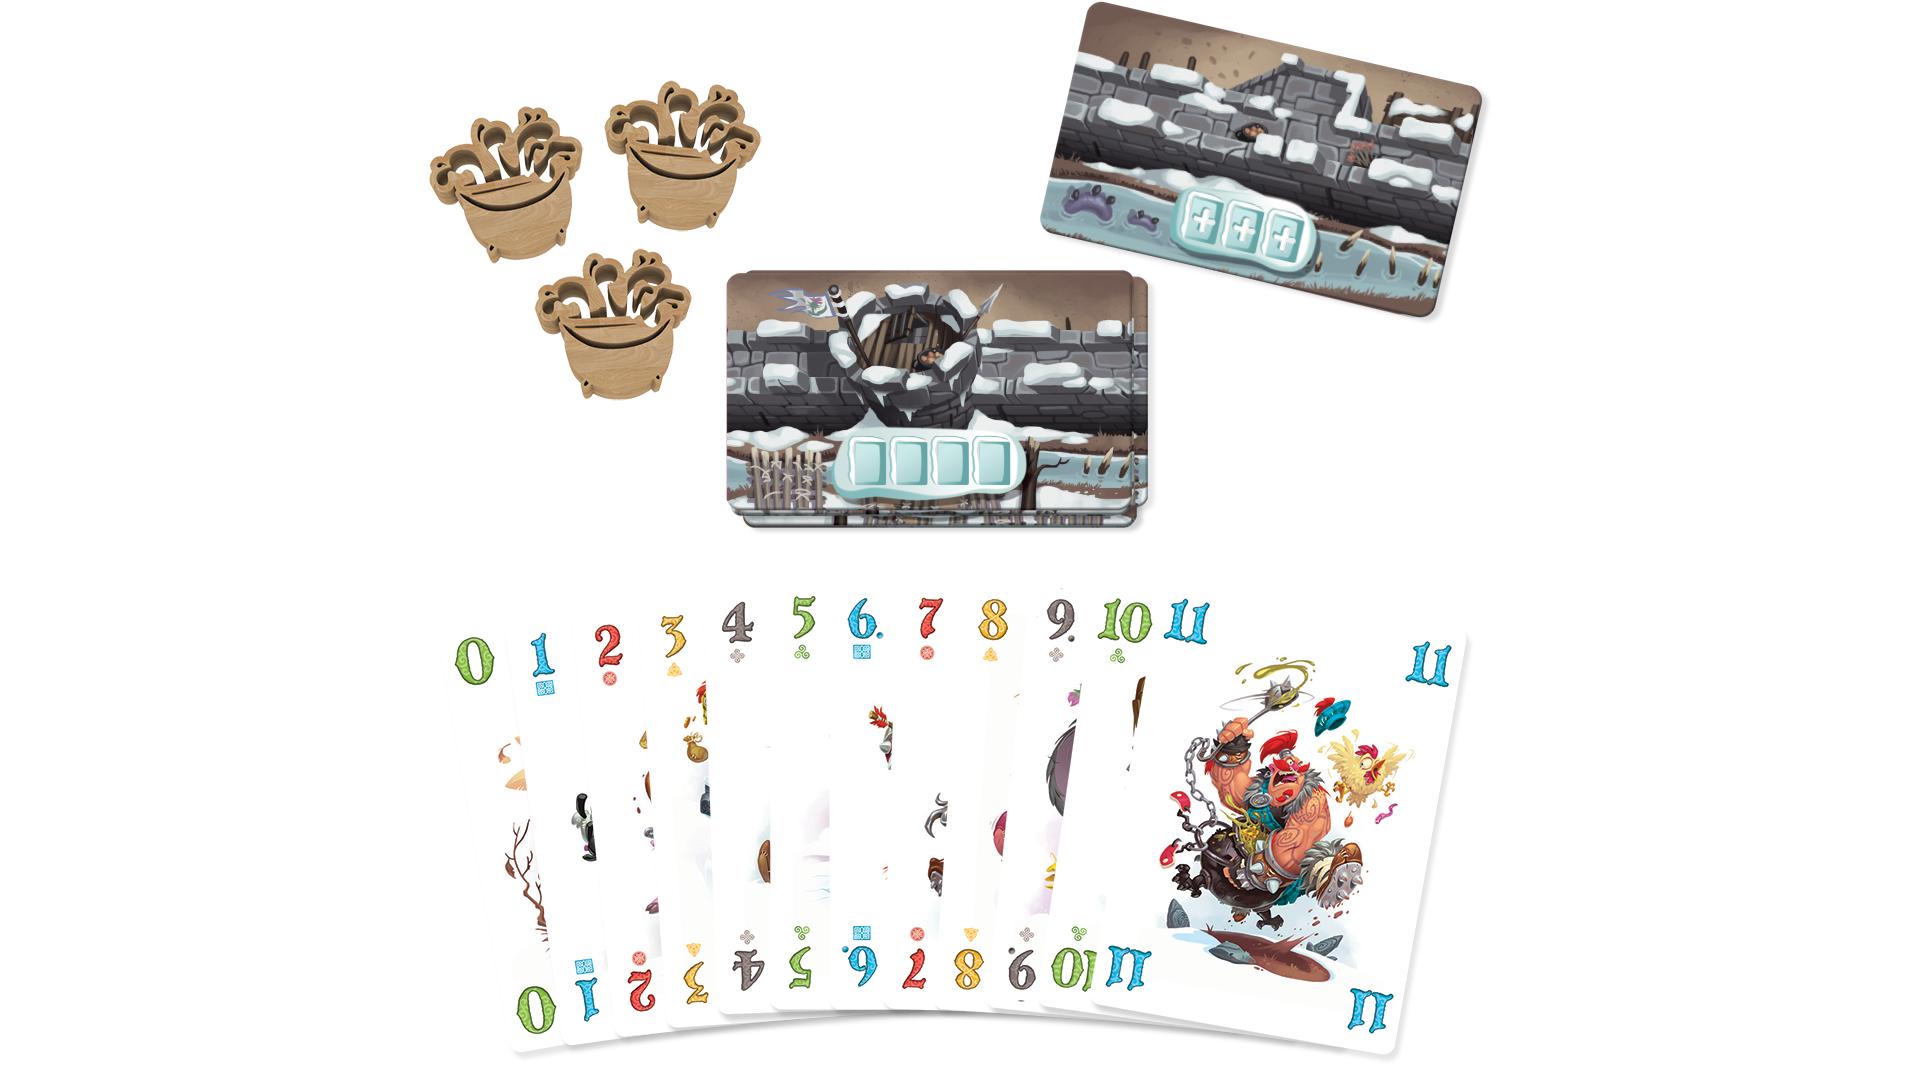 Schotten Totten 2 board game layout